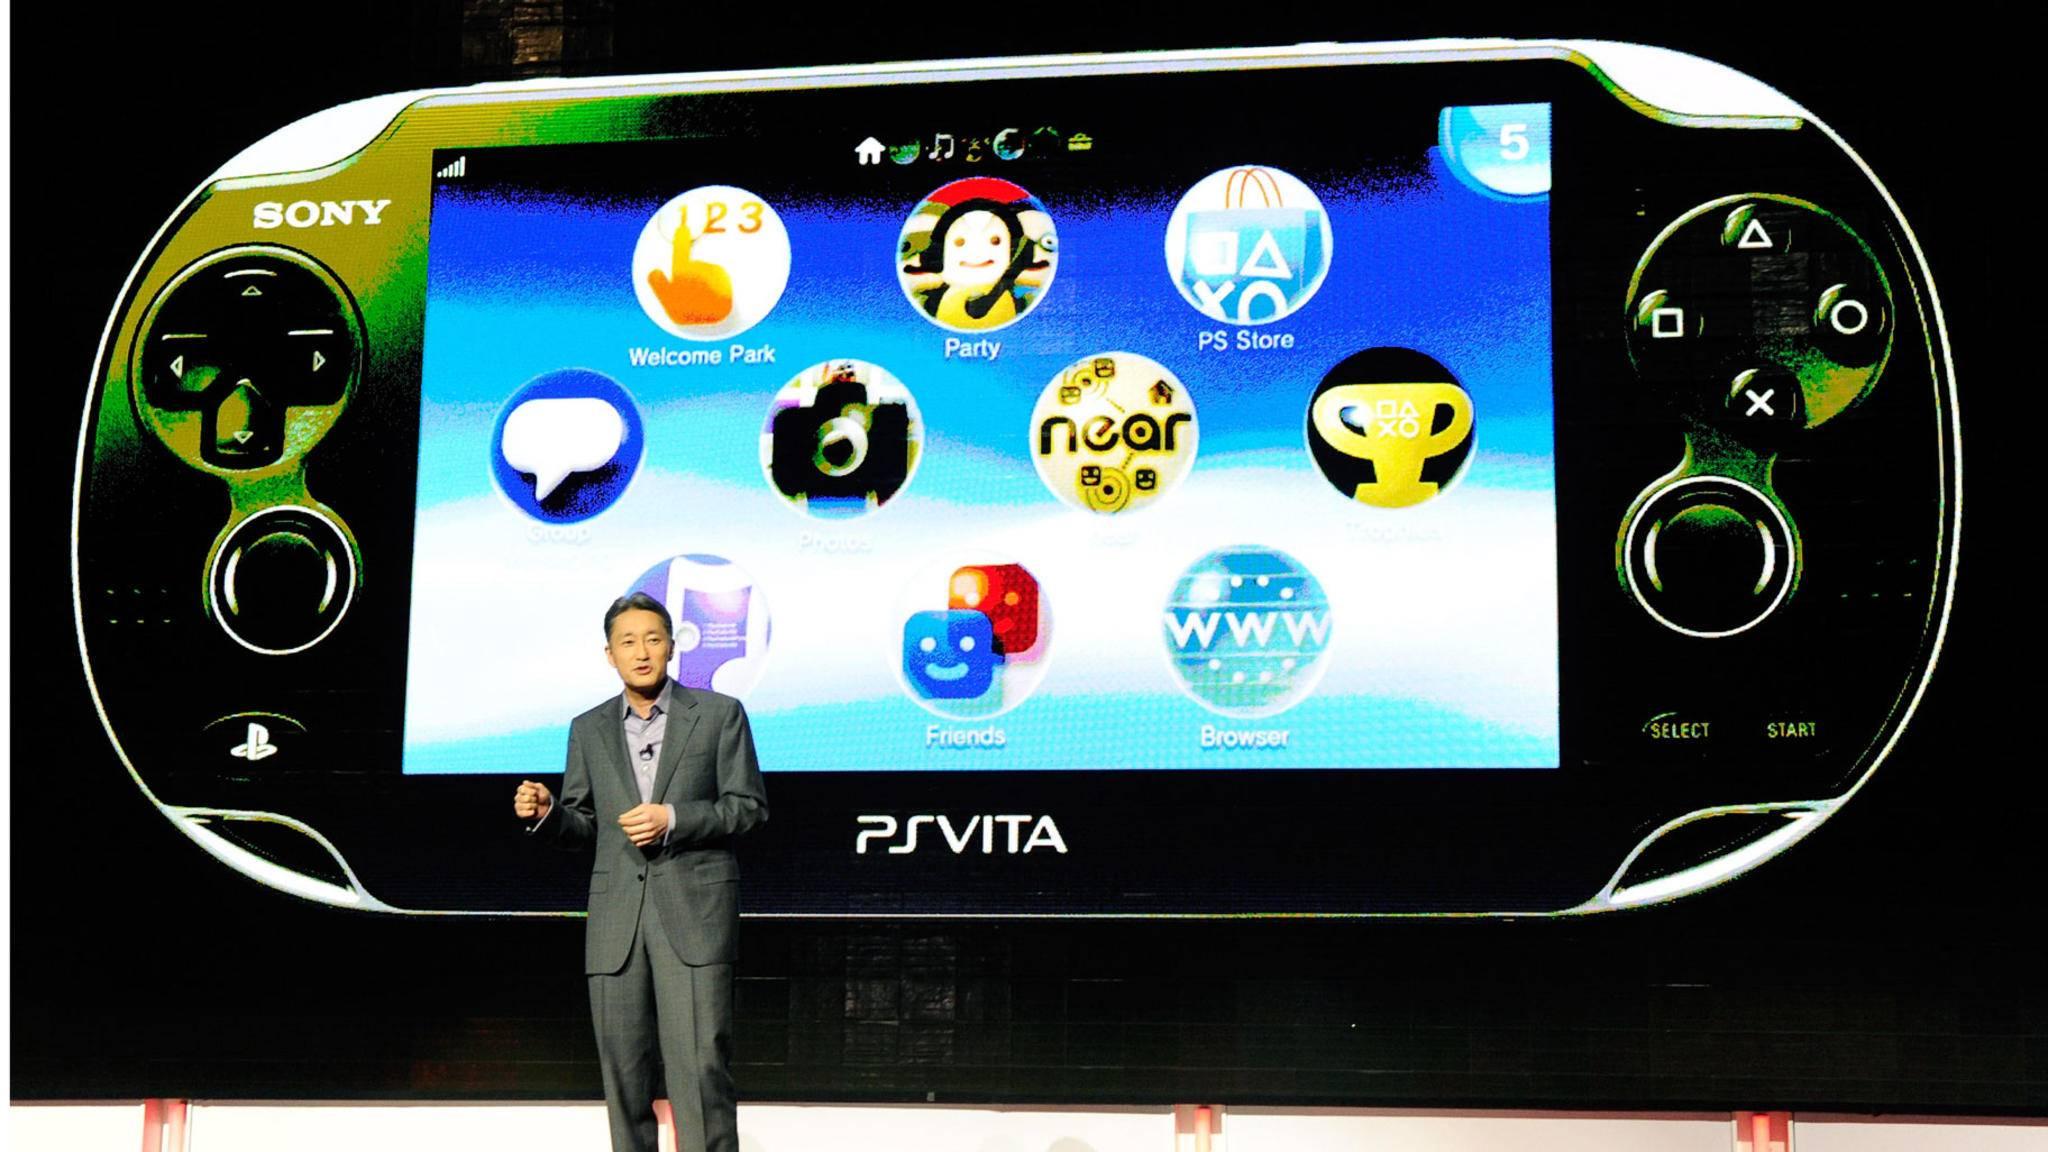 Sony-Präsident Kazuo Hirai präsentierte die PS Vita auf der E3 2012. Nun läuft das Handheld-Modell langsam aus.